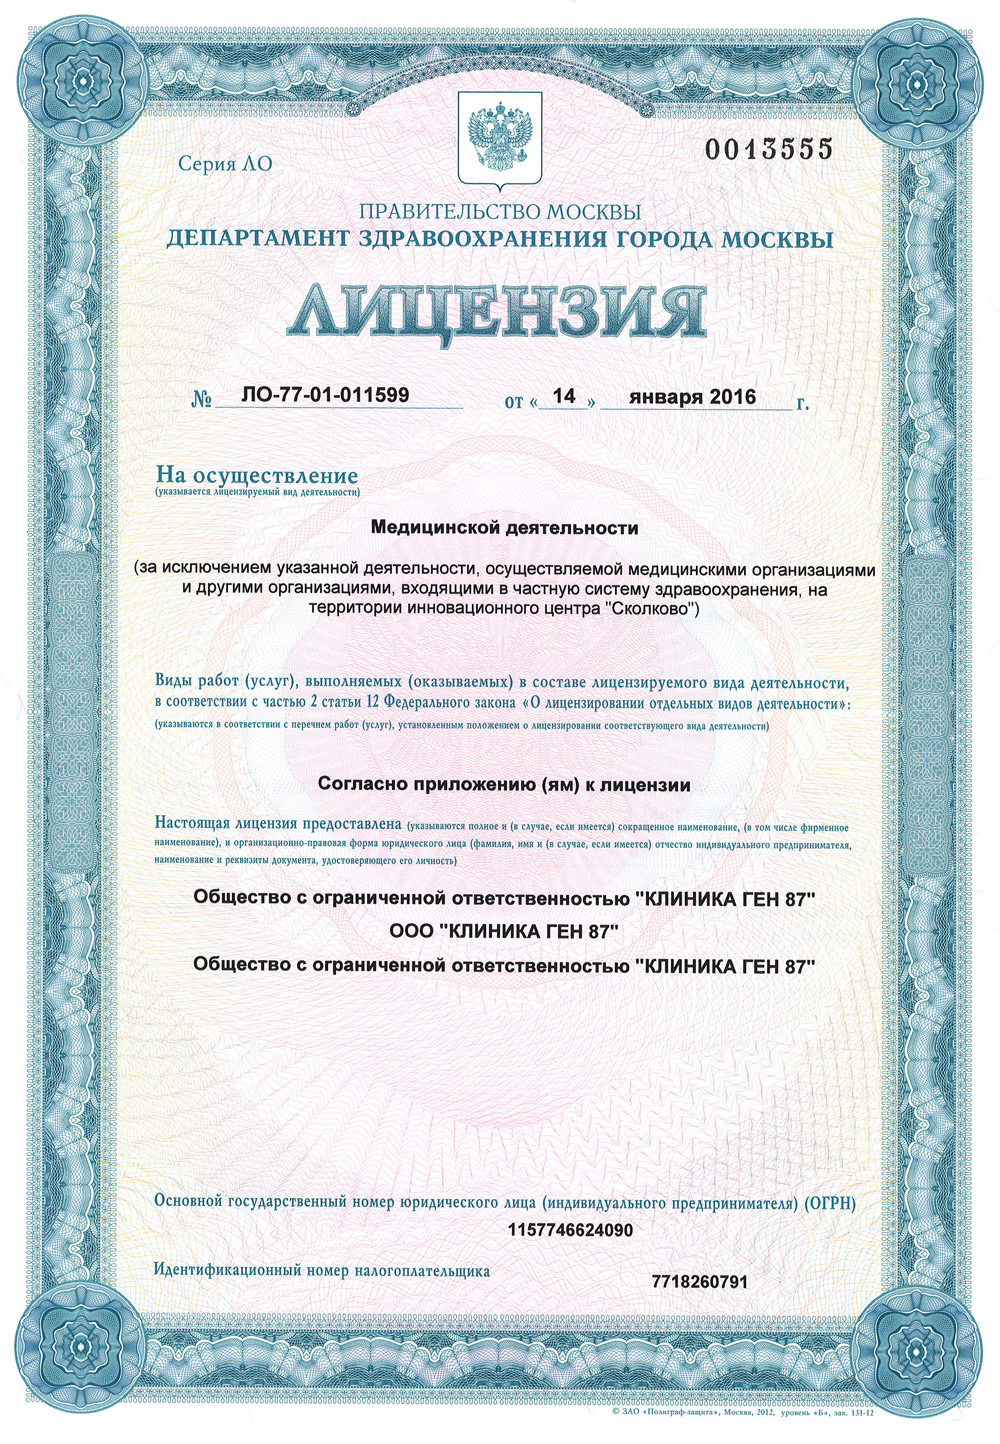 Лицензия клиники GEN87 г.Москва